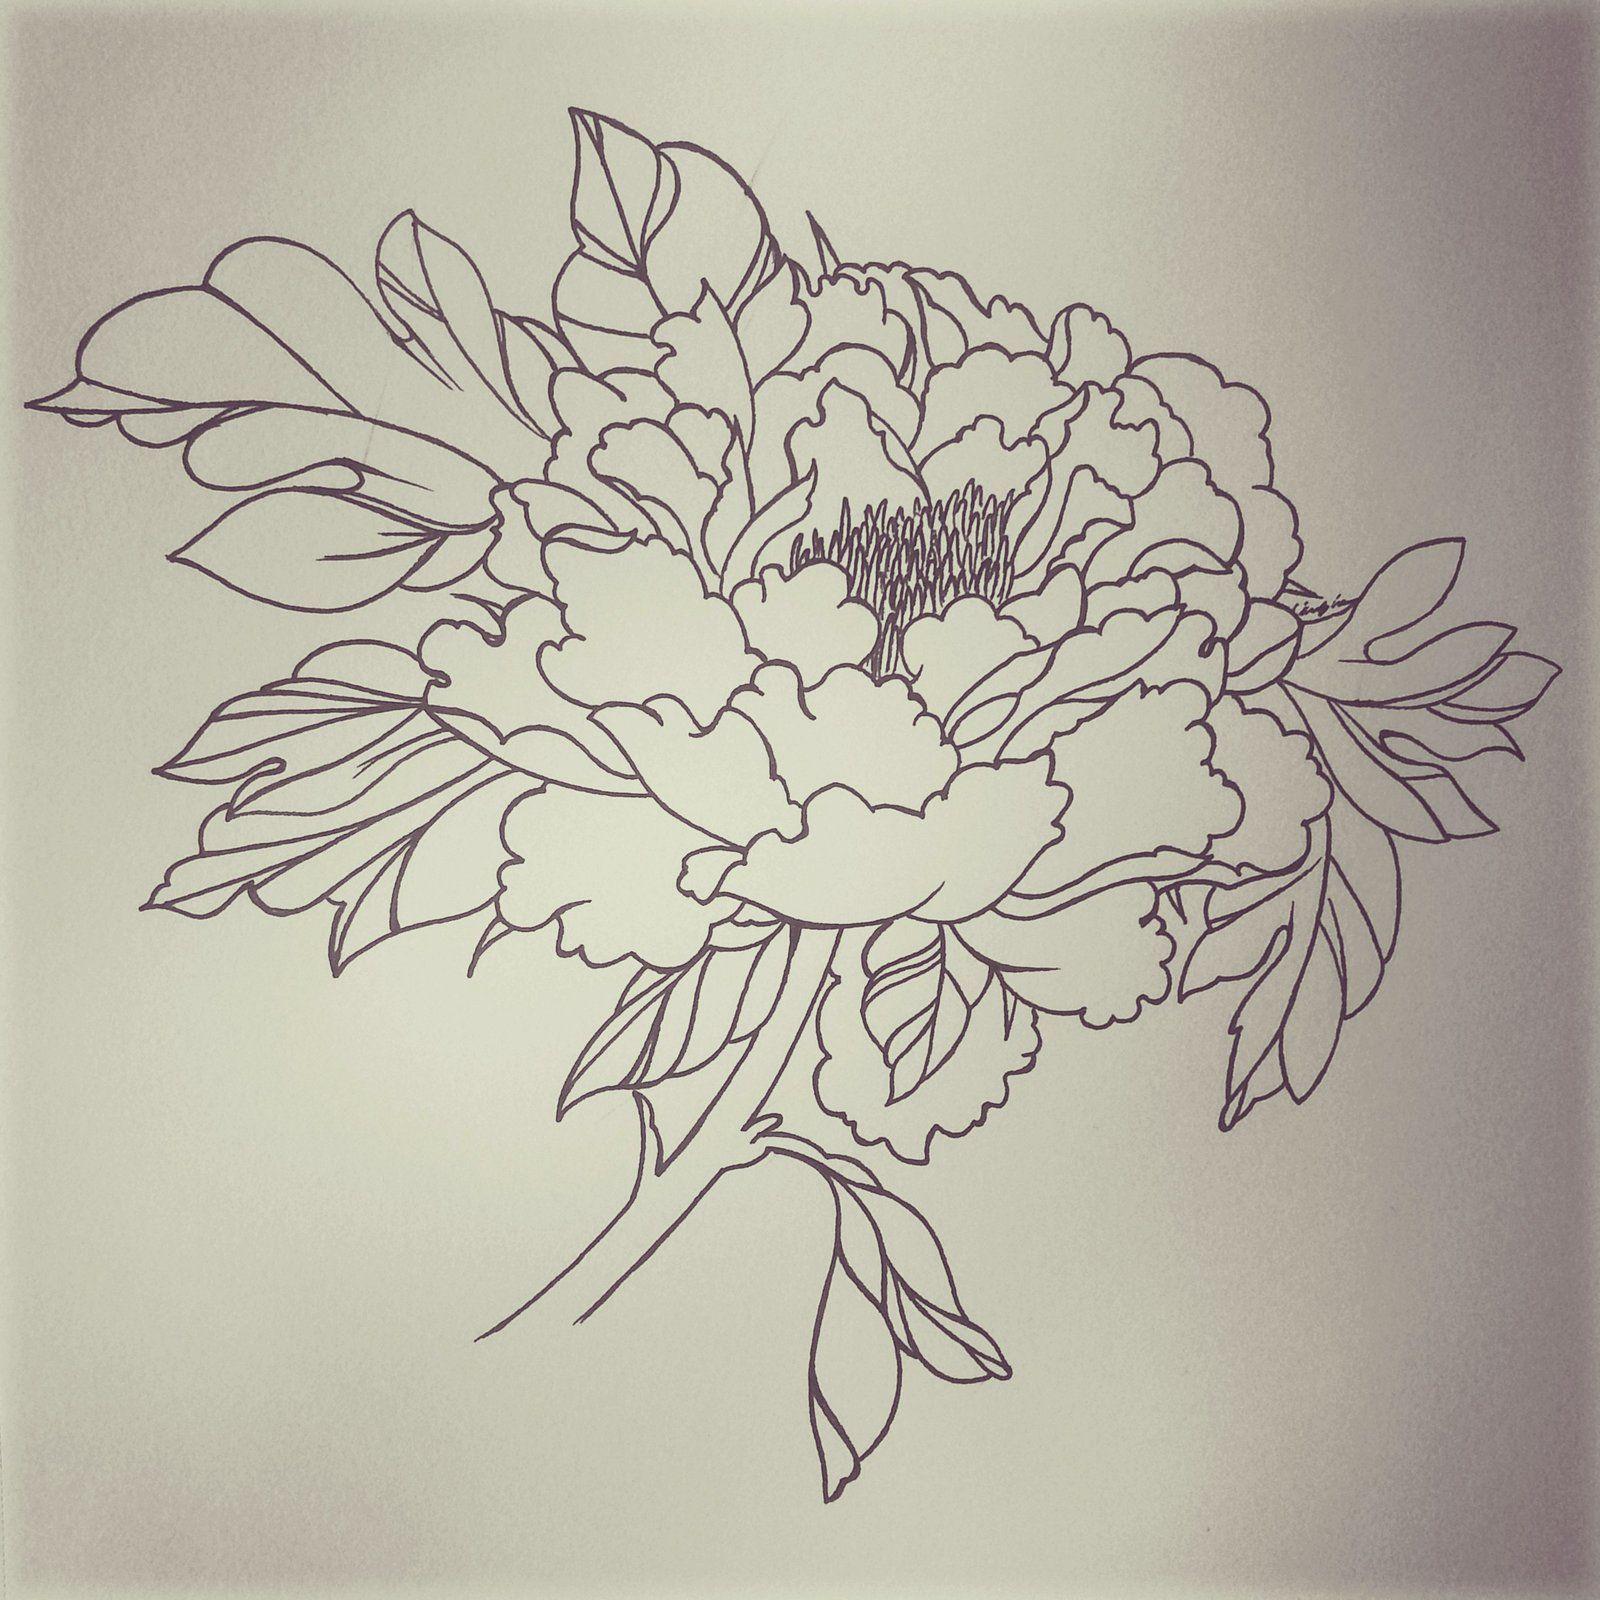 Tatouage fleur de pivoine galerie tatouage - Petit tatouage significatif ...